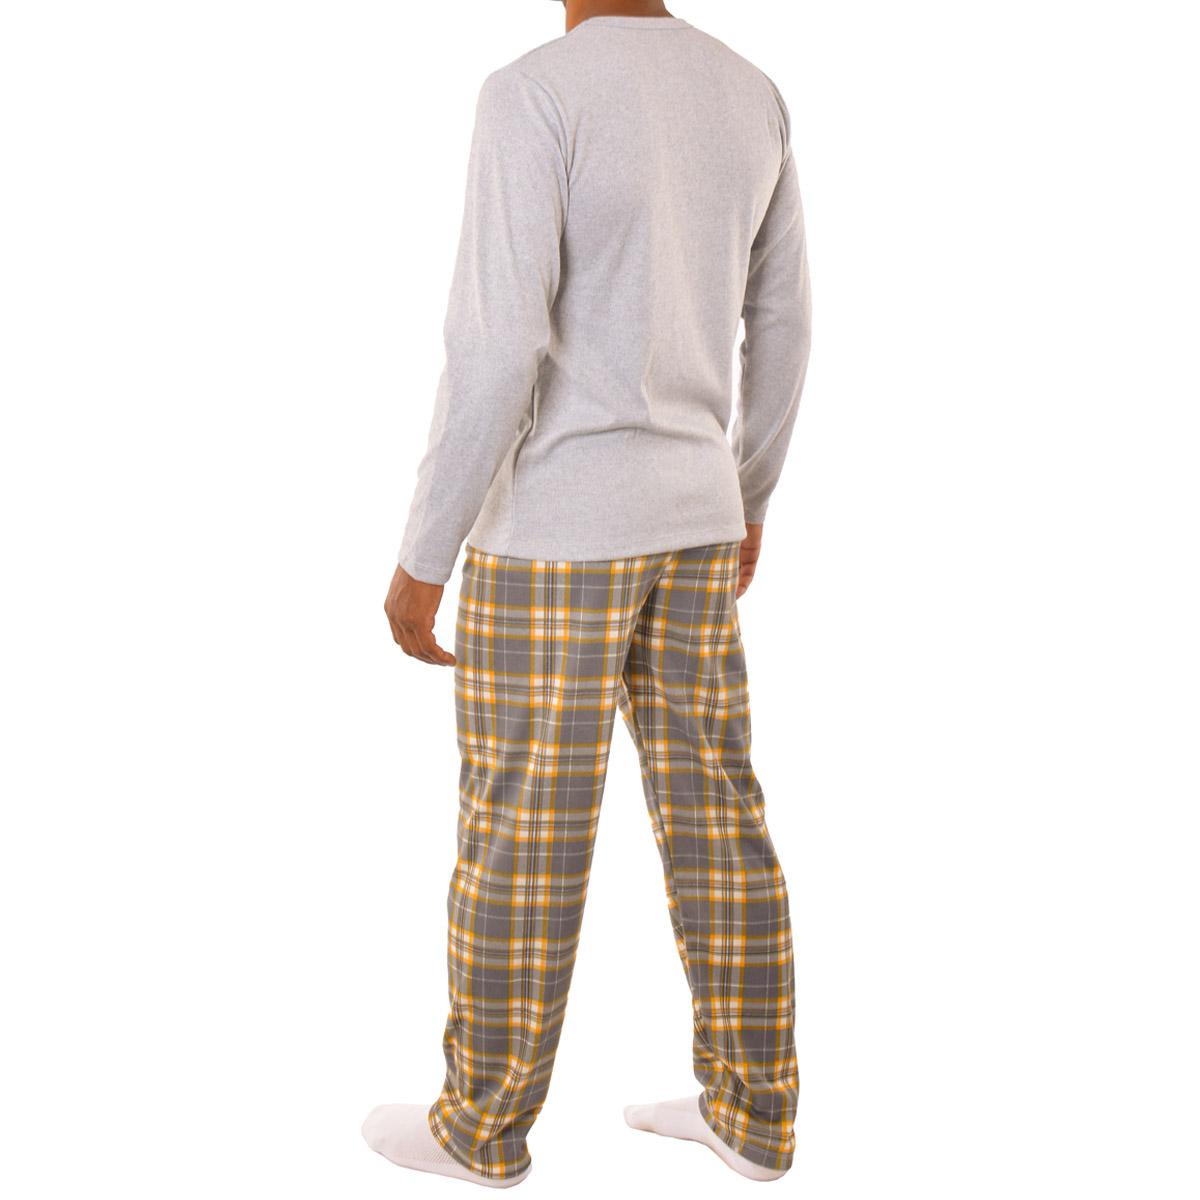 Pijama de inverno masculino Coleção Família Pai Victory